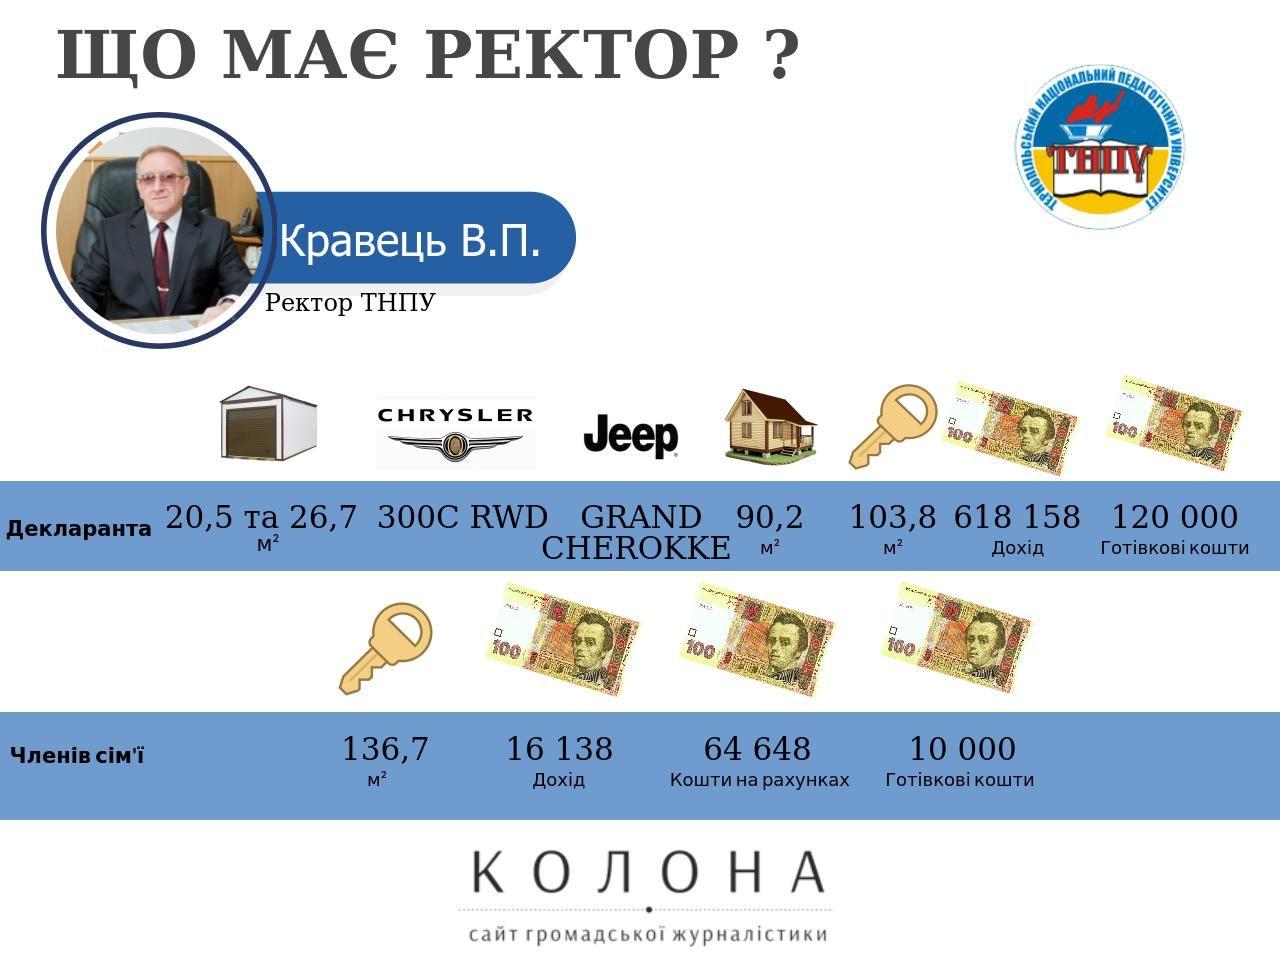 Тернопільський національний економічний університет, ректор – Крисоватий Андрій Ігорович